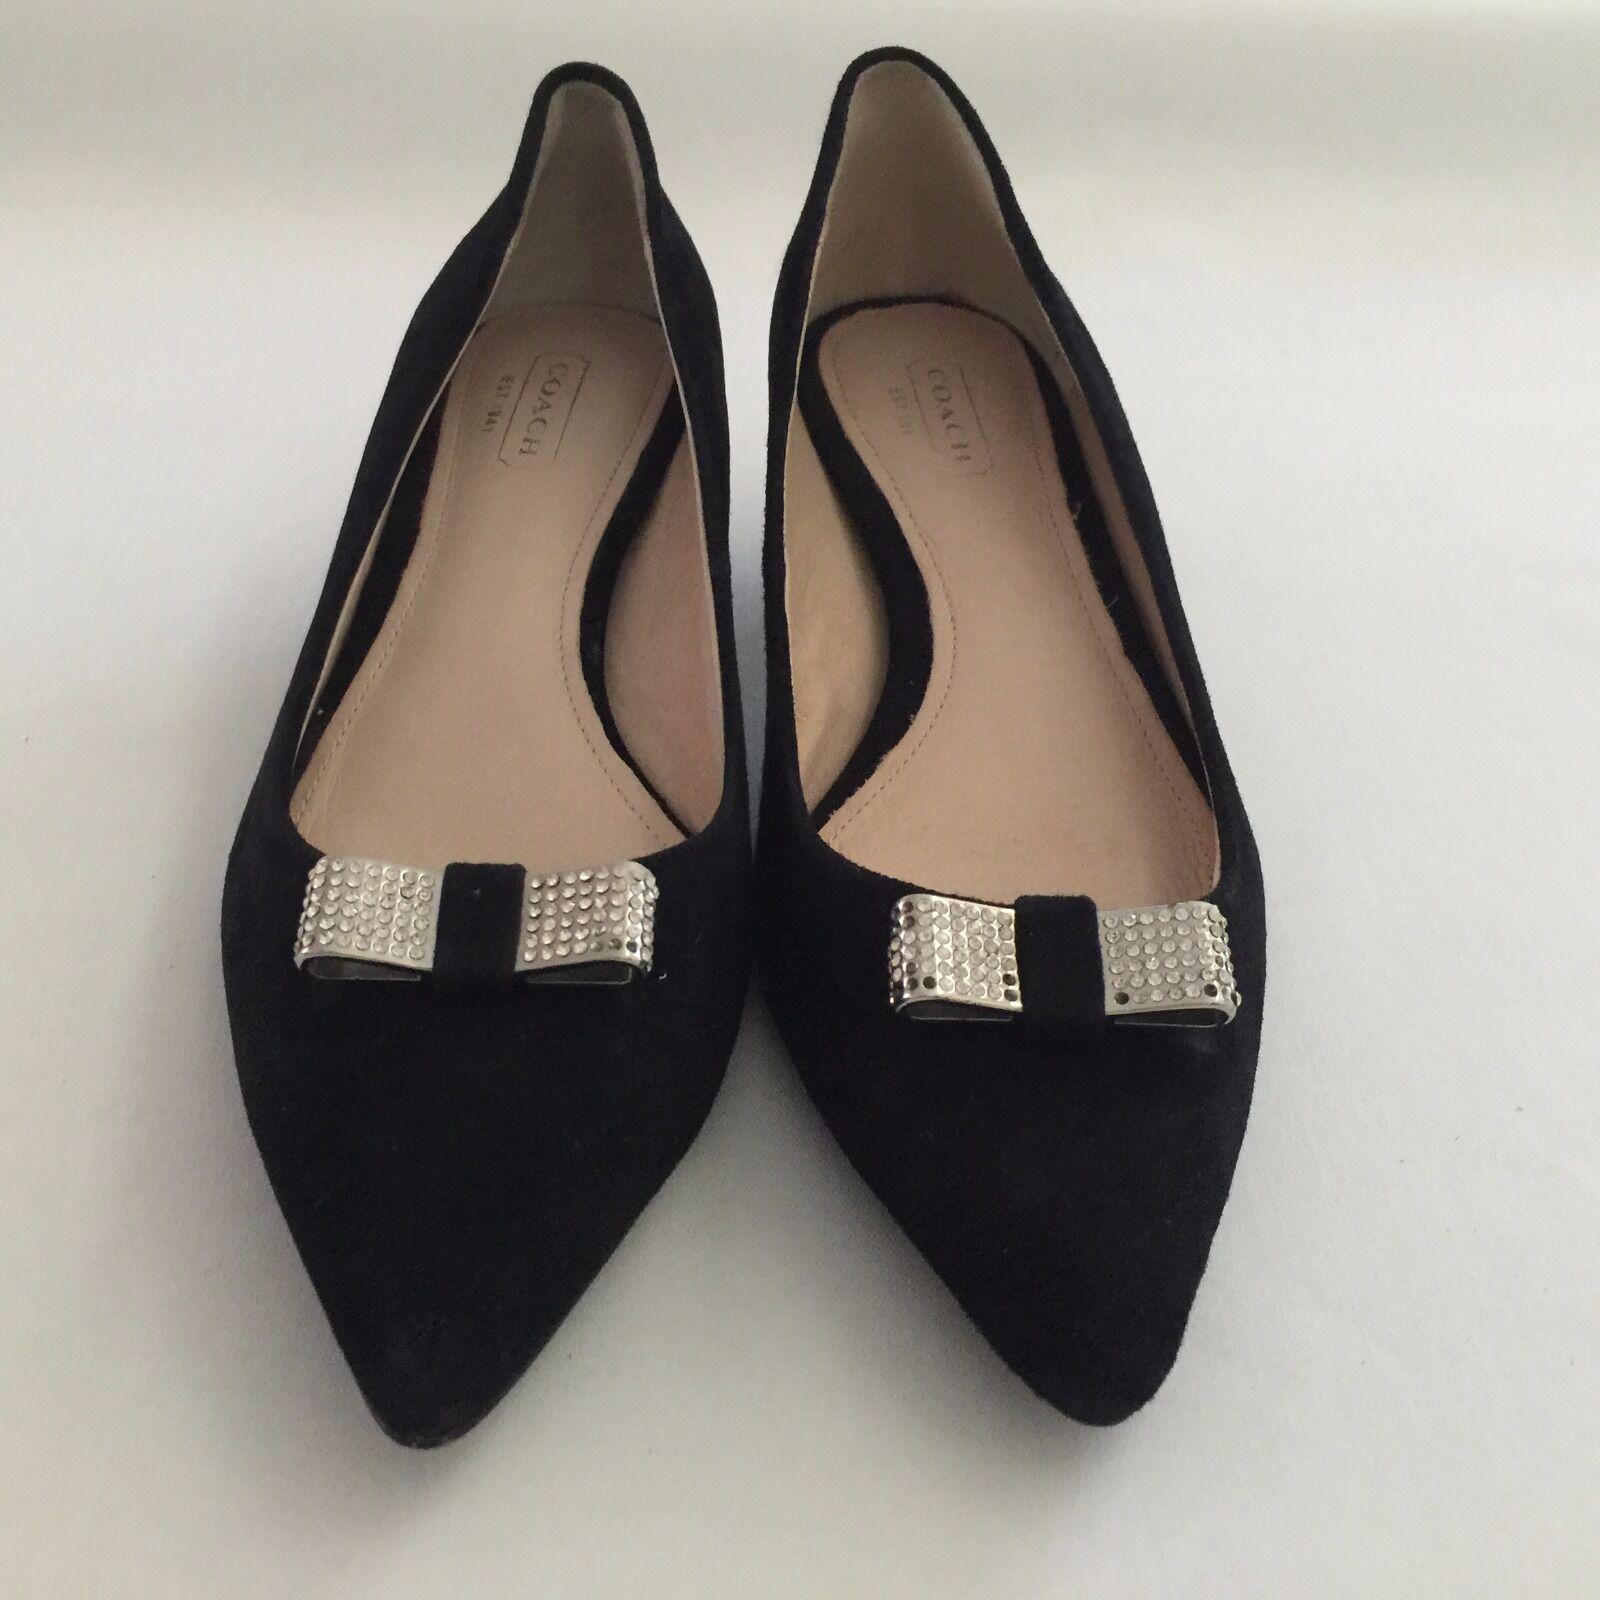 Nuevo De Gamuza Cuero Negro Entrenador Zapatos De Nuevo Salón Tacones gatito del Rhinestone al por menor  198.00 22d2d8